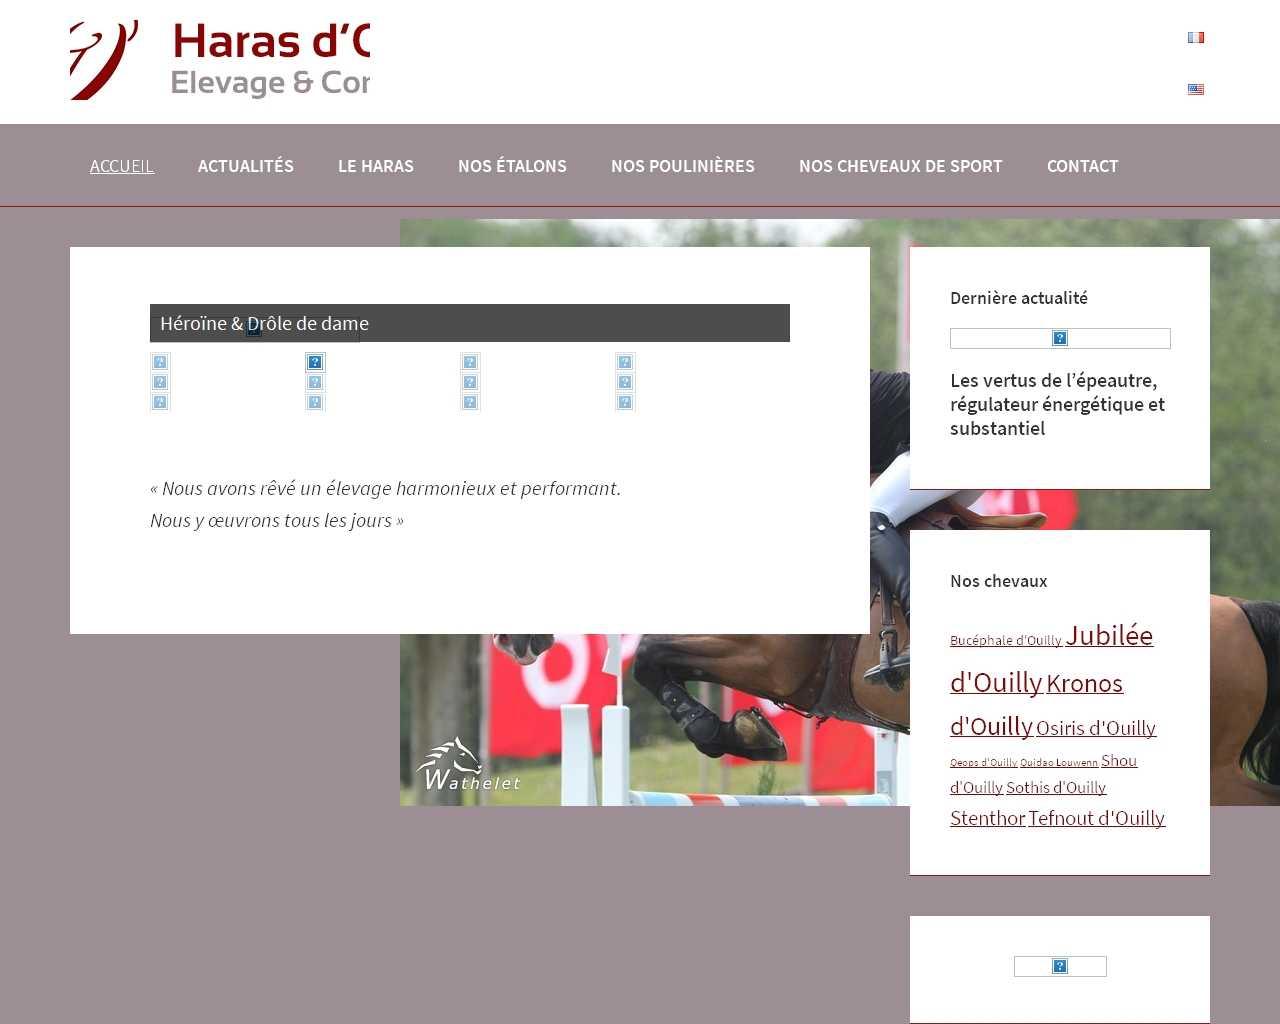 Visuel du site Haras d'Ouilly